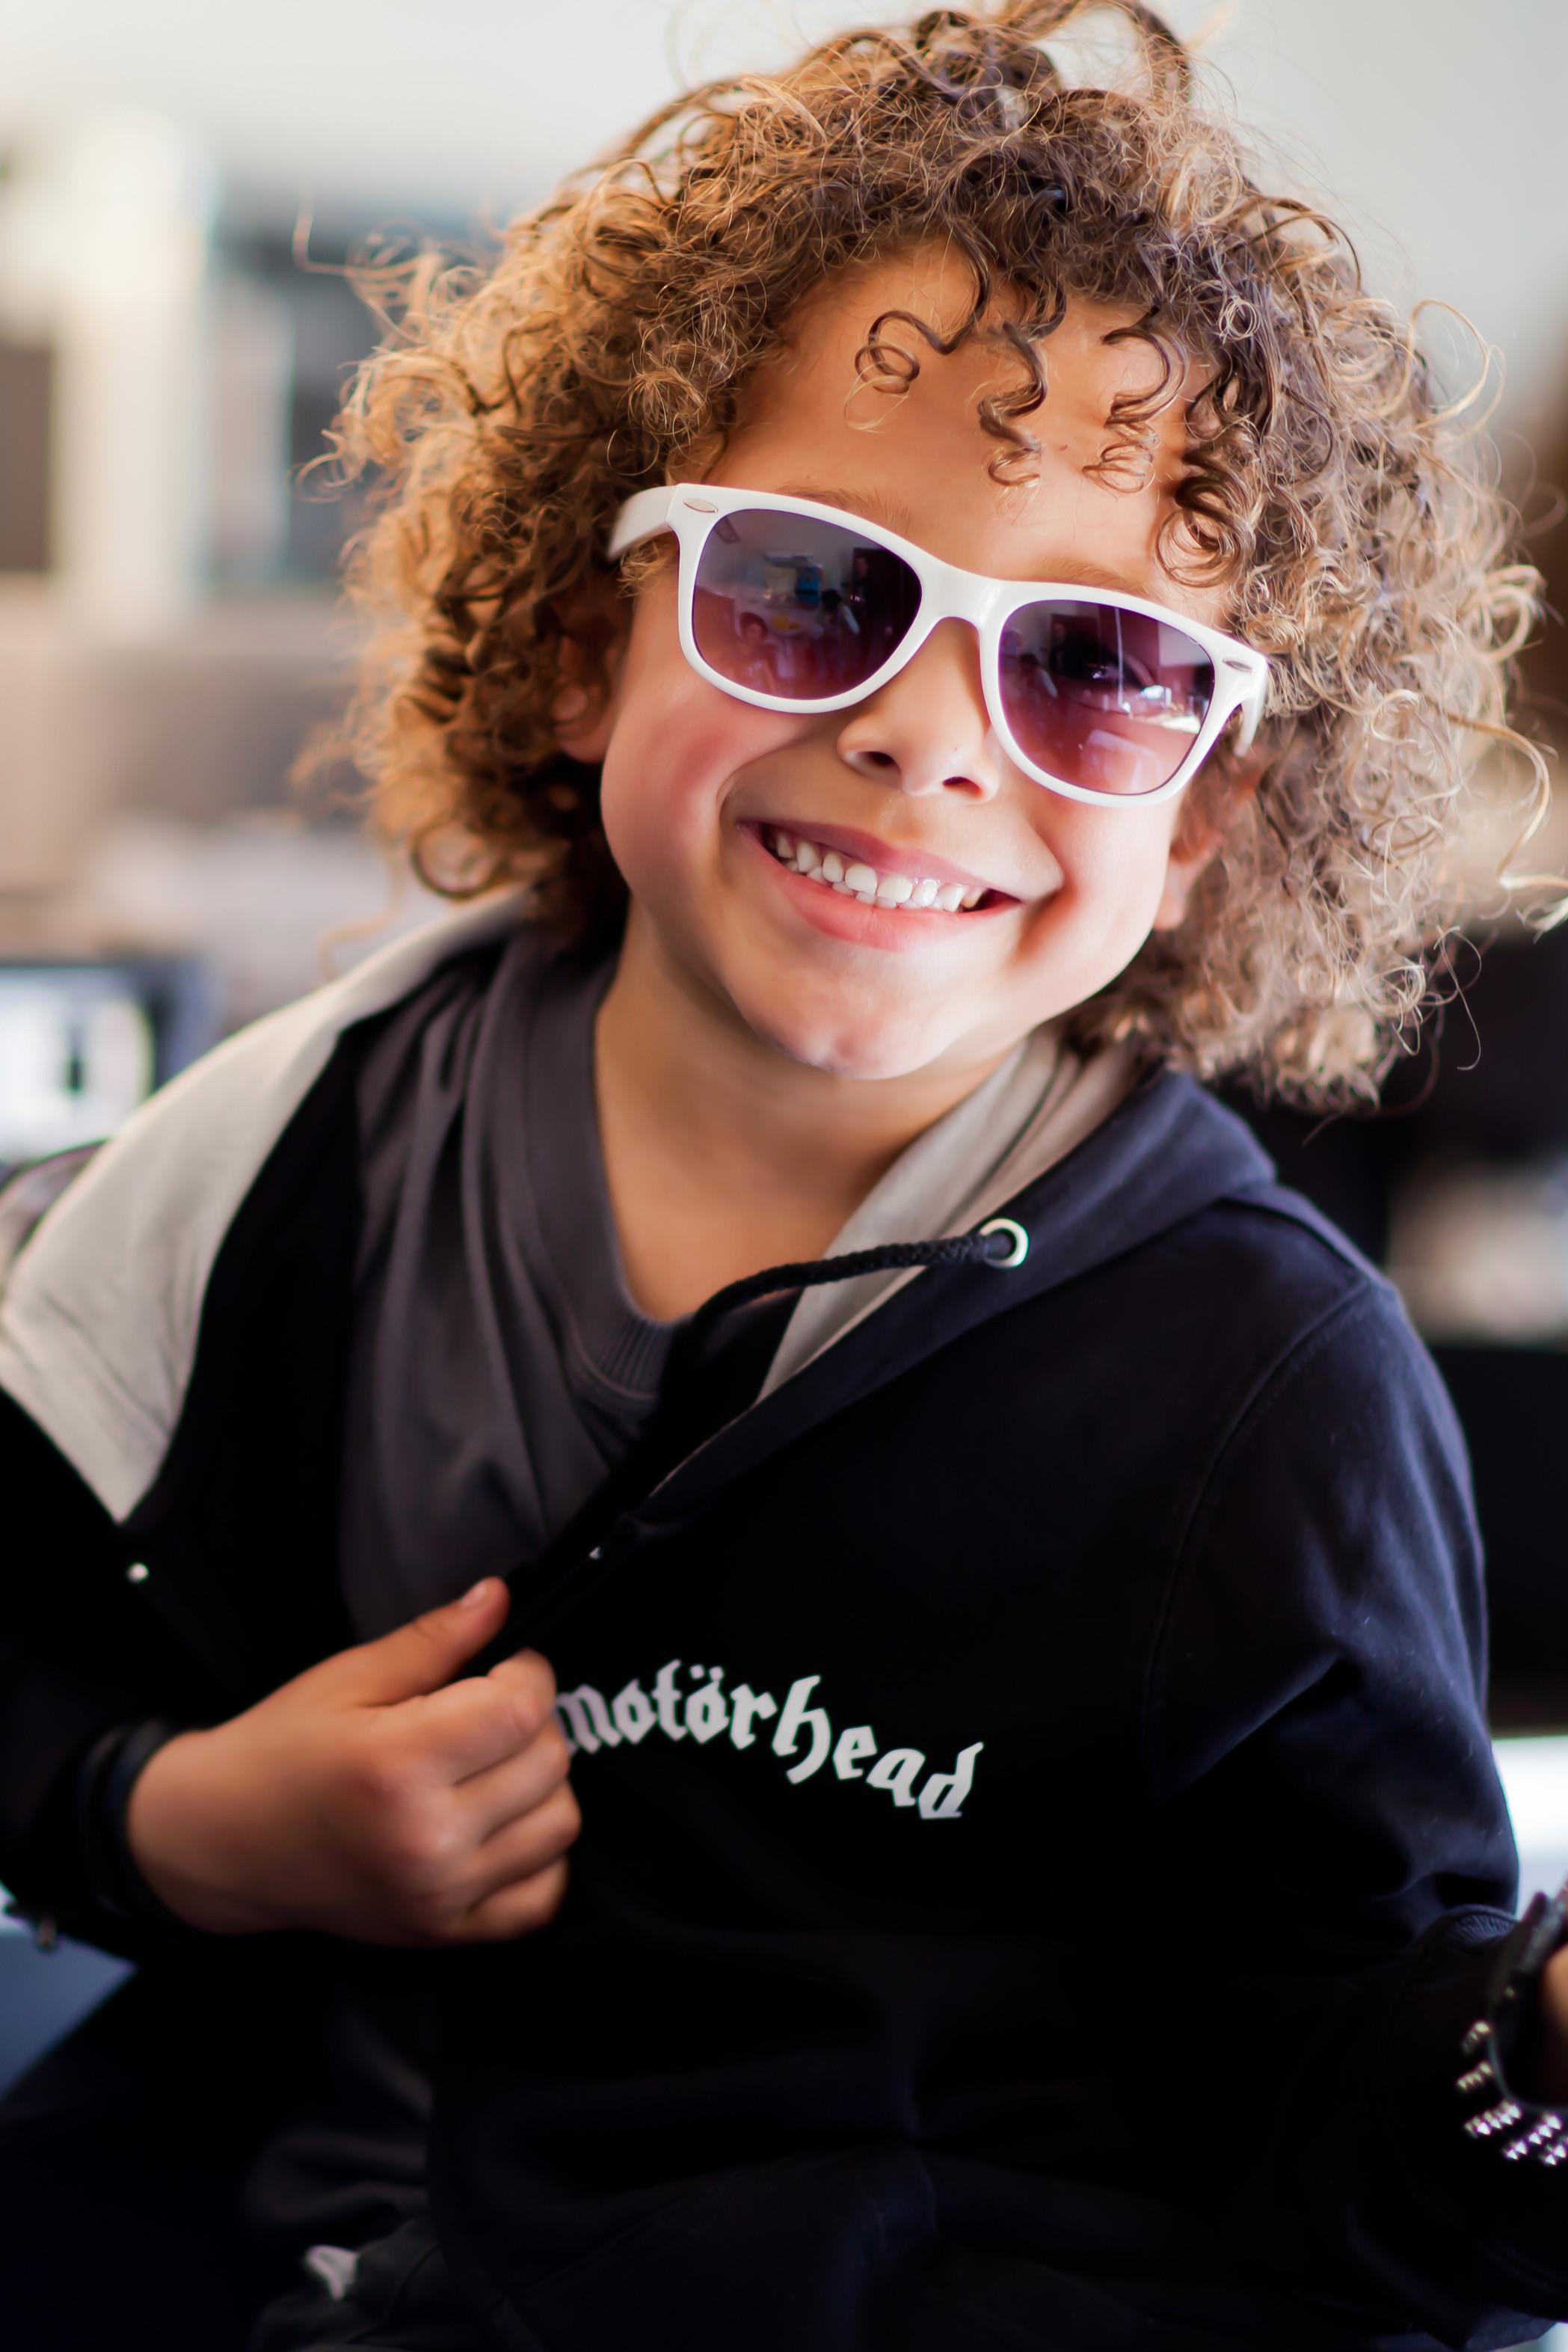 Chaqueta para niños de Motörhead England con cremallera y capucha photoshoot